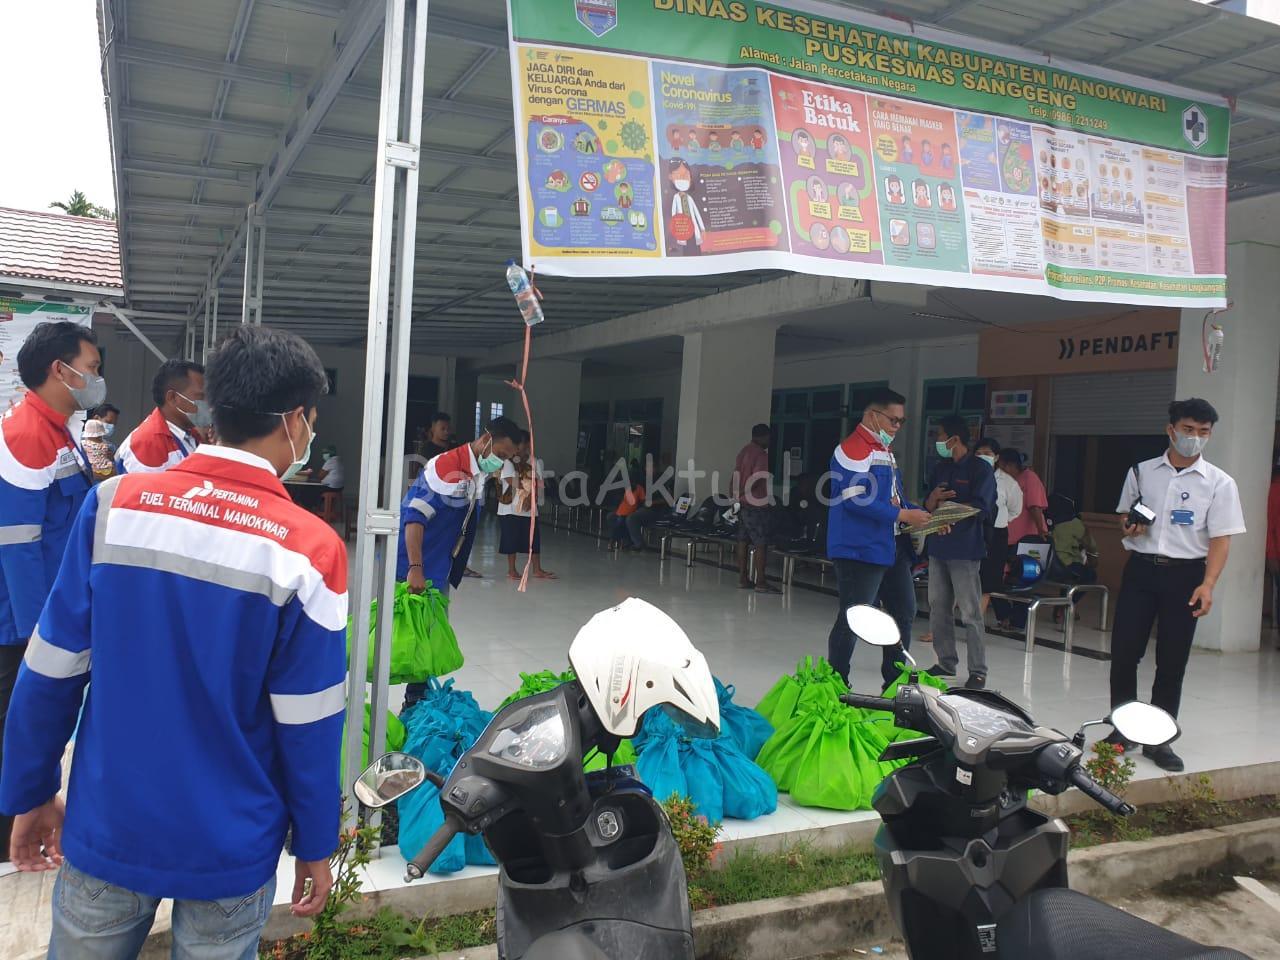 Bantu Pemerintah Cegah Corona, Pertamina Salurkan 300 Paket Bantuan di Manokwari 1 IMG 20200331 WA0062